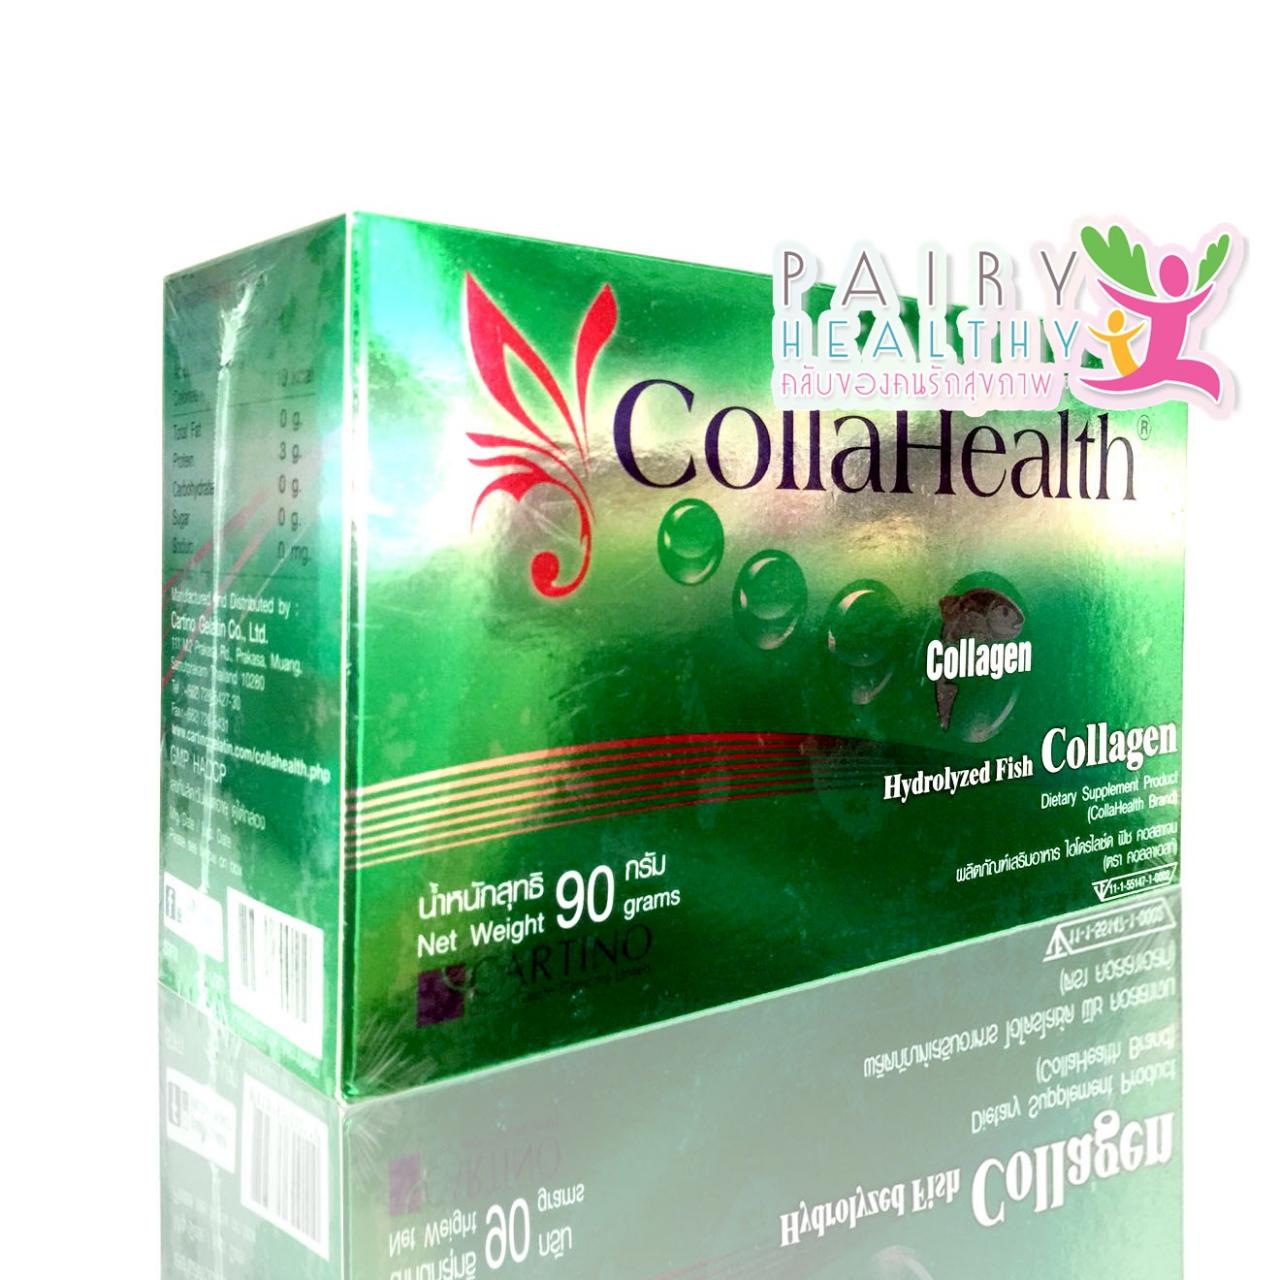 CollaHealth (คอลล่าเฮลท์ คอลลาเจน พลัสซี) 30 ซอง 595 บาท ส่งฟรี EMS